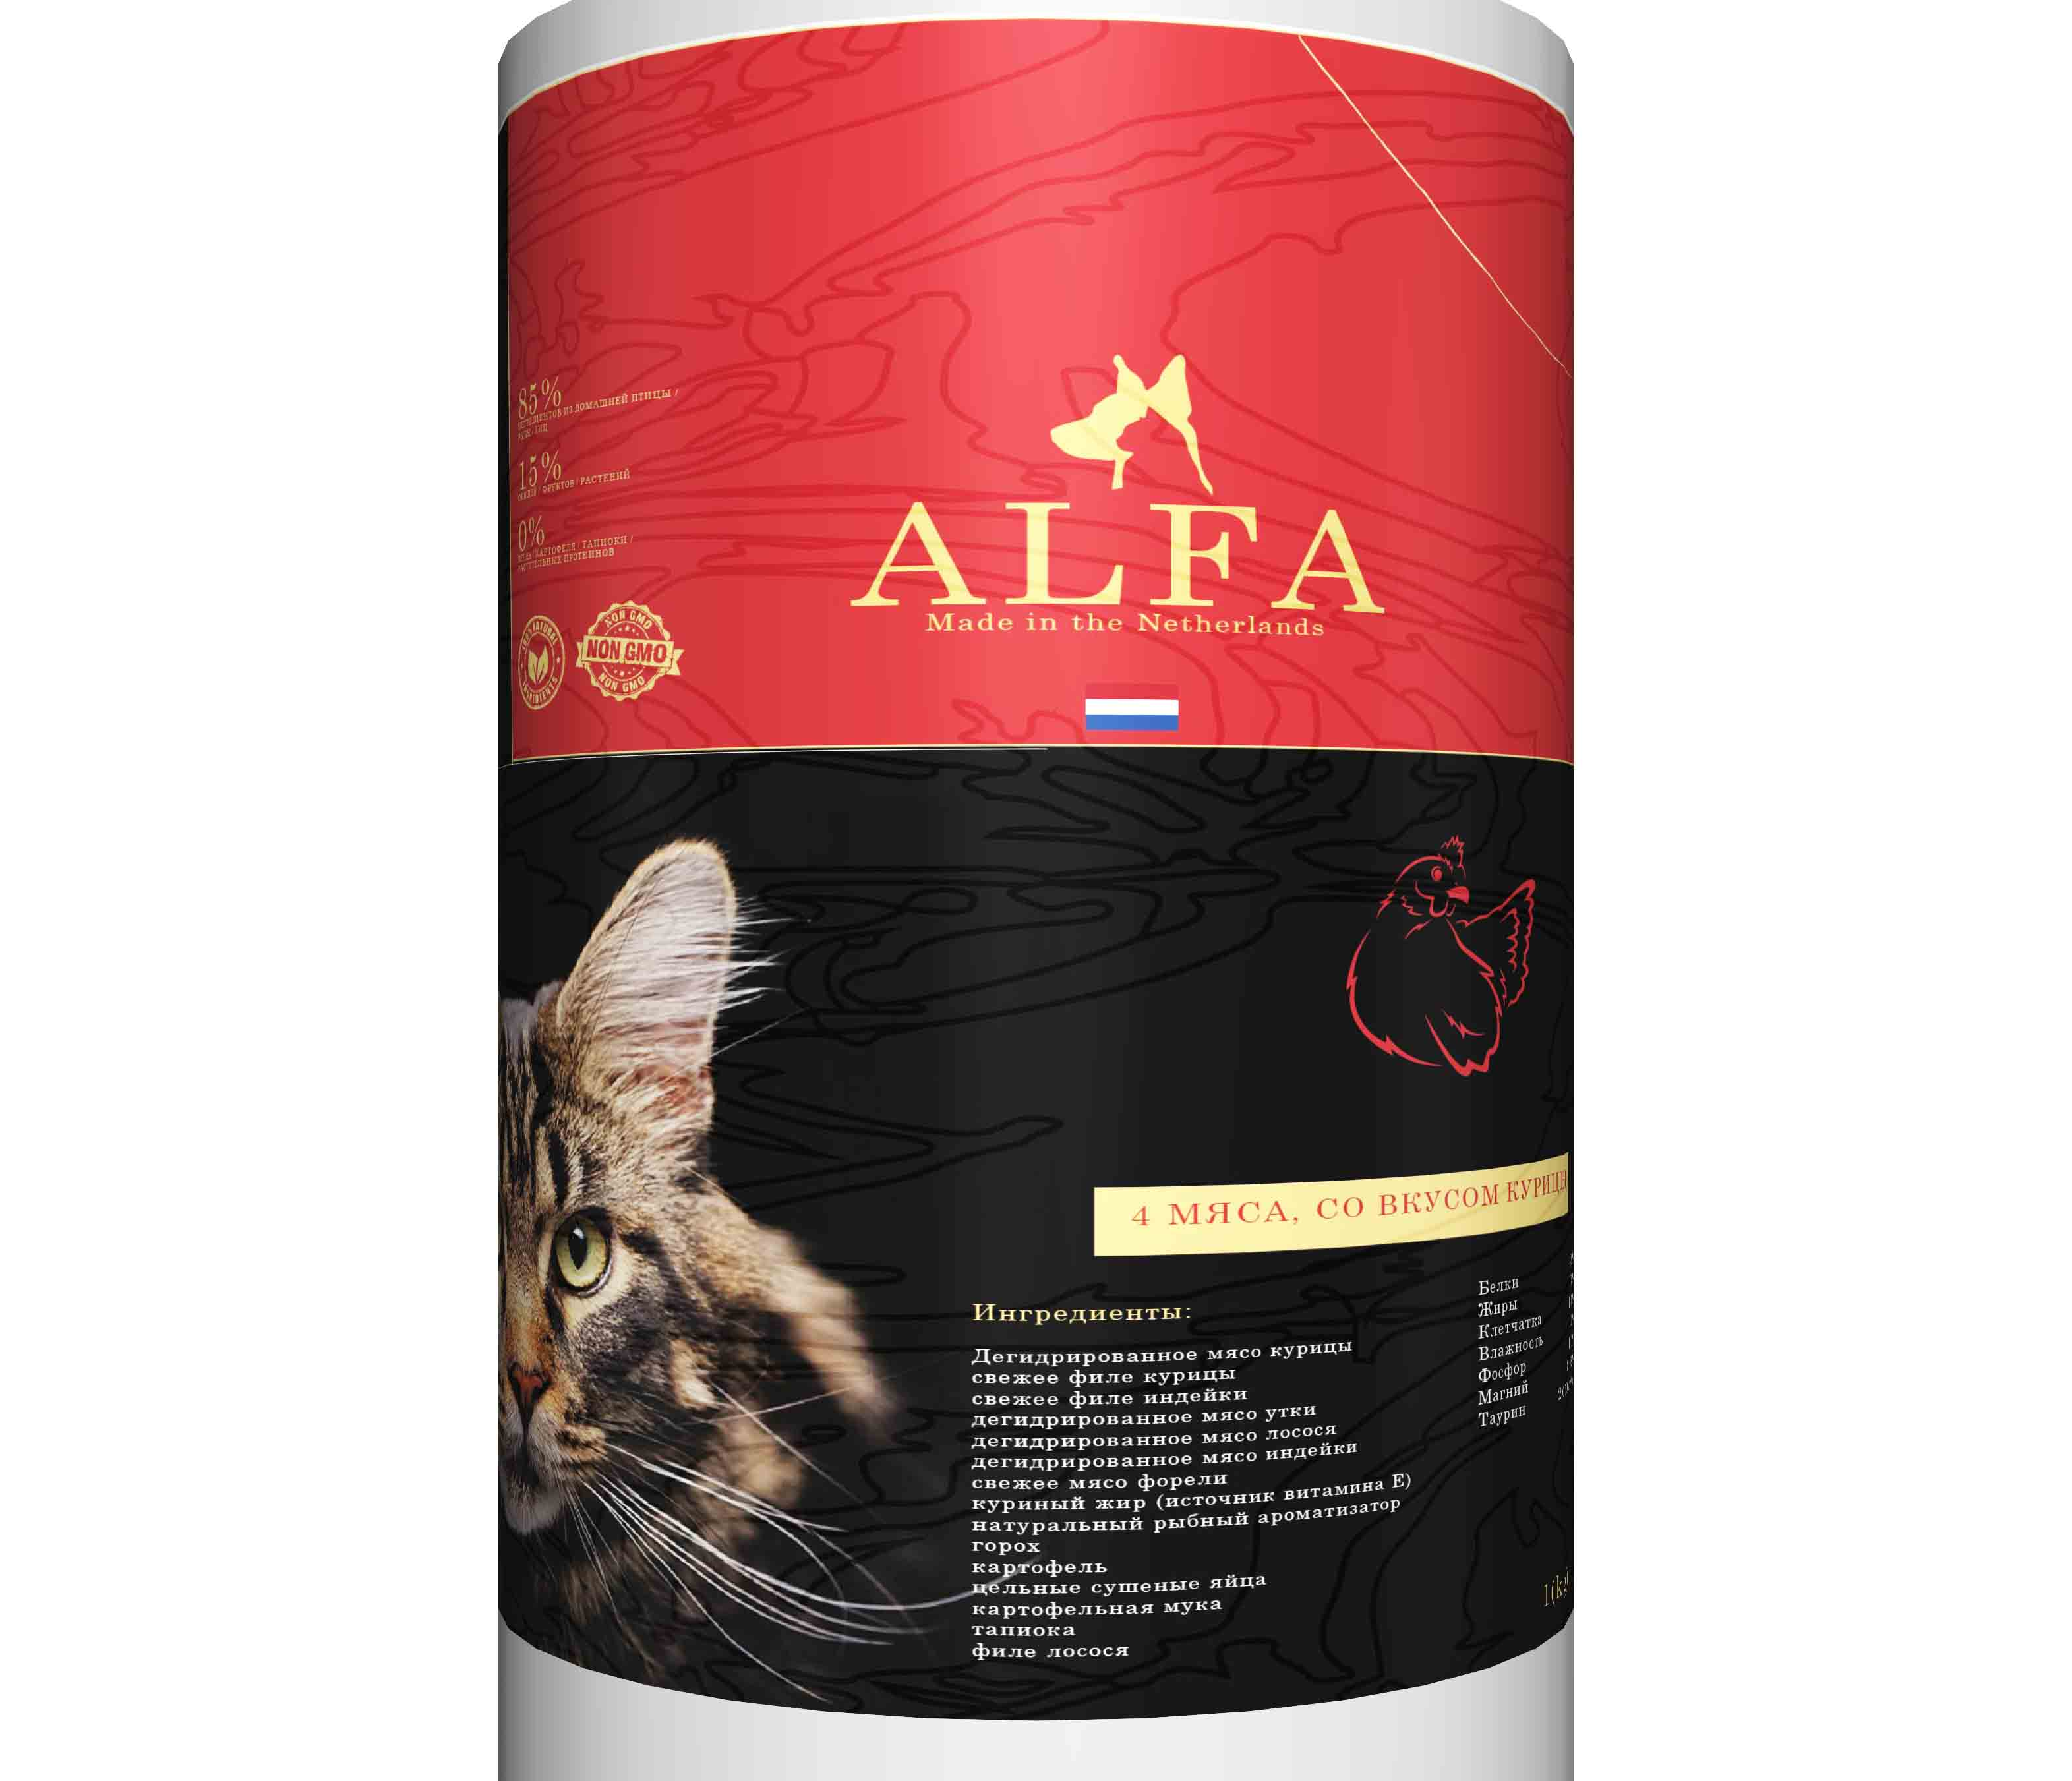 Создание дизайна упаковки для кормов для животных. фото f_8925ae399d833604.jpg